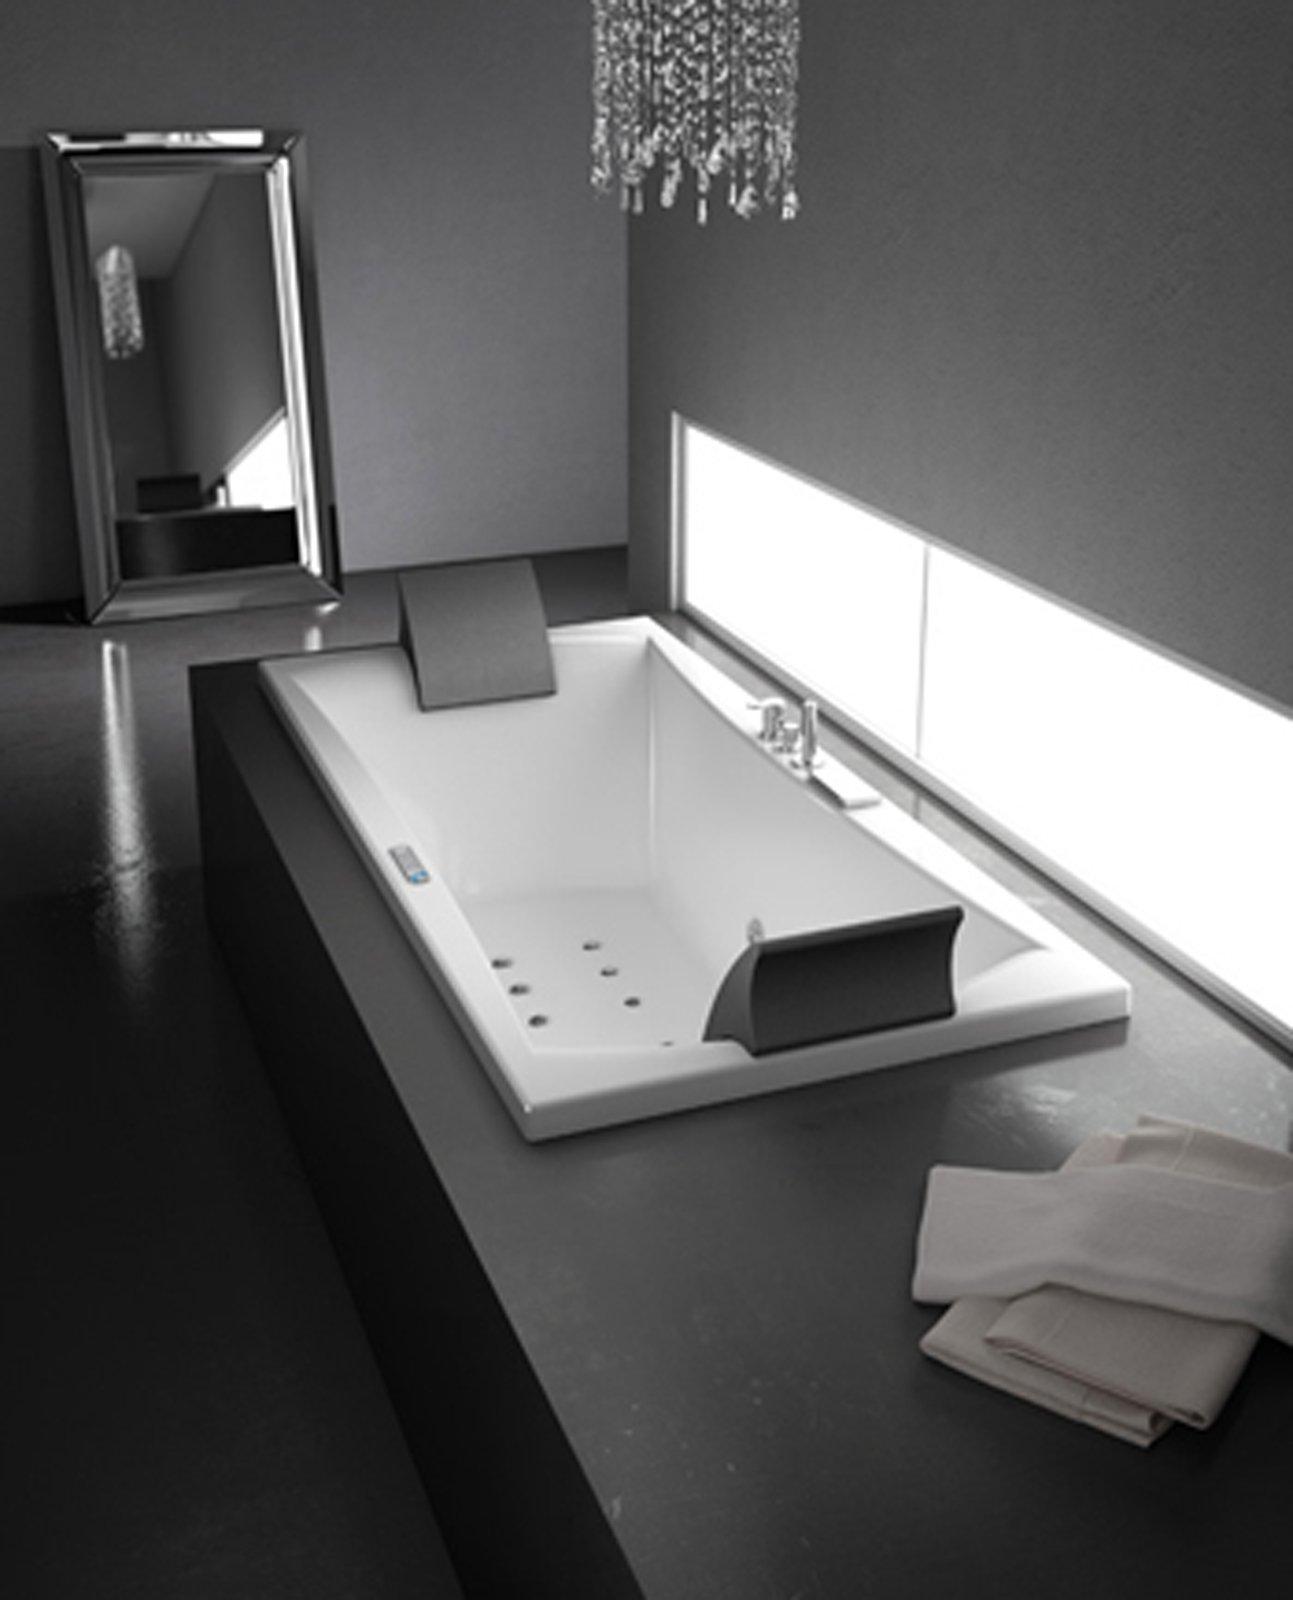 Vasca idromassaggio cosa serve per installarla cose di for Vasca laghetto rettangolare